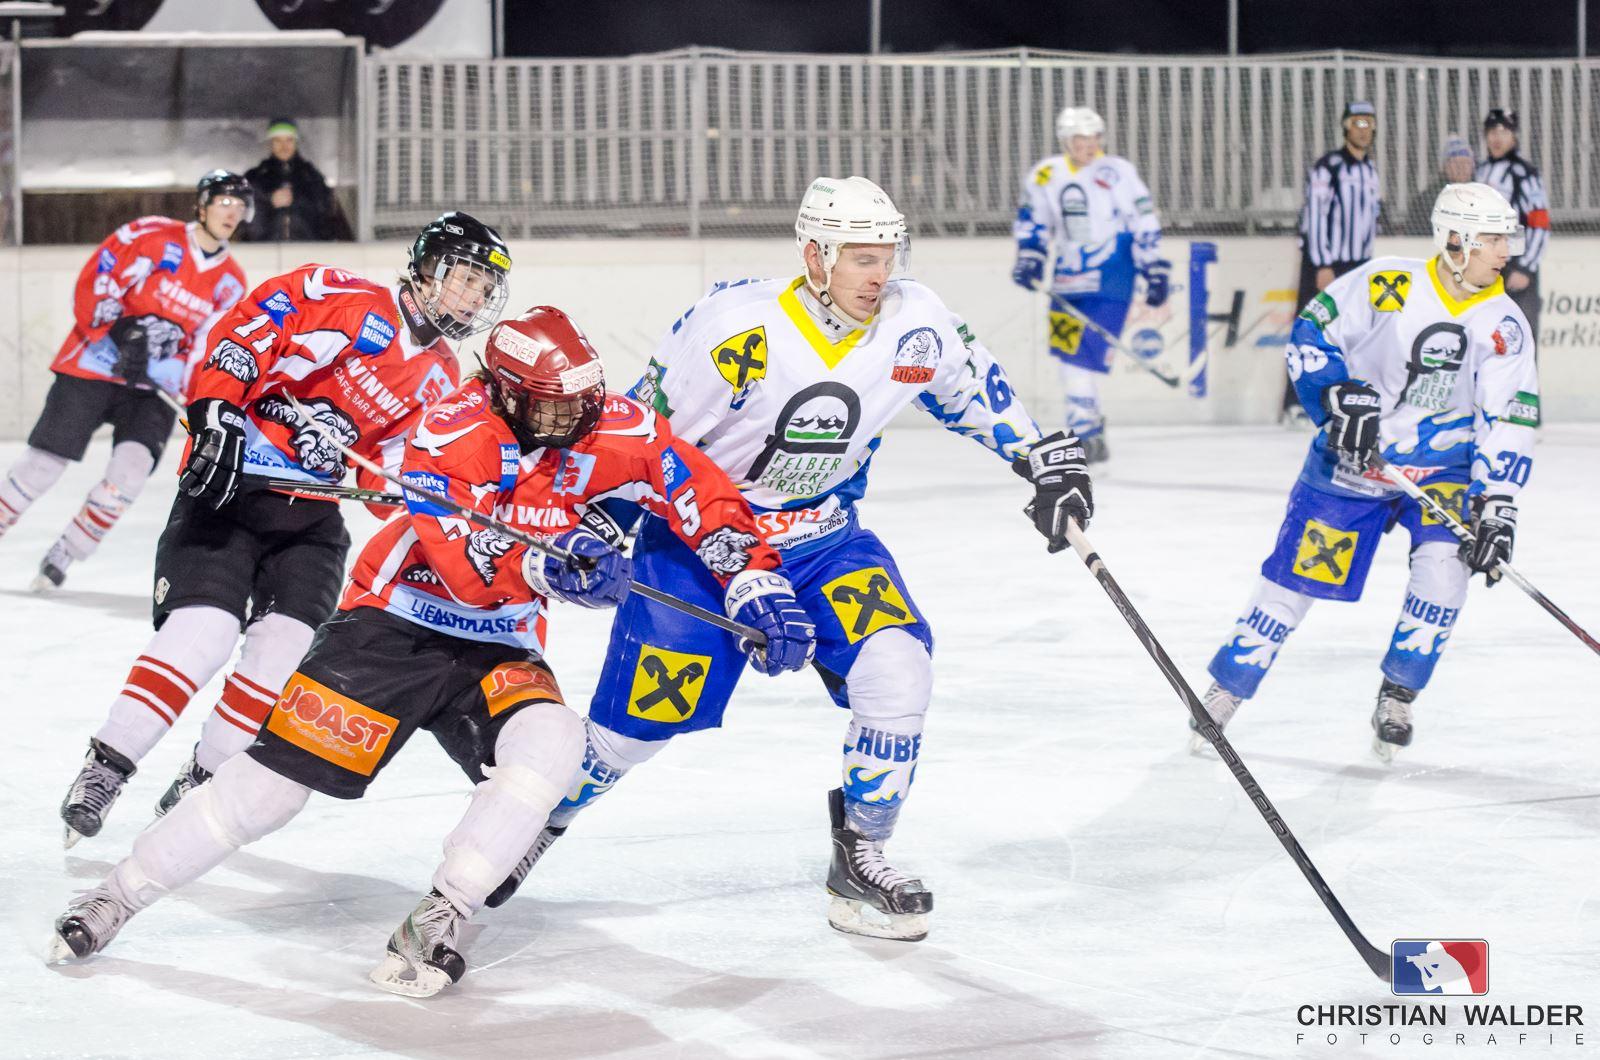 sport_07.jpg